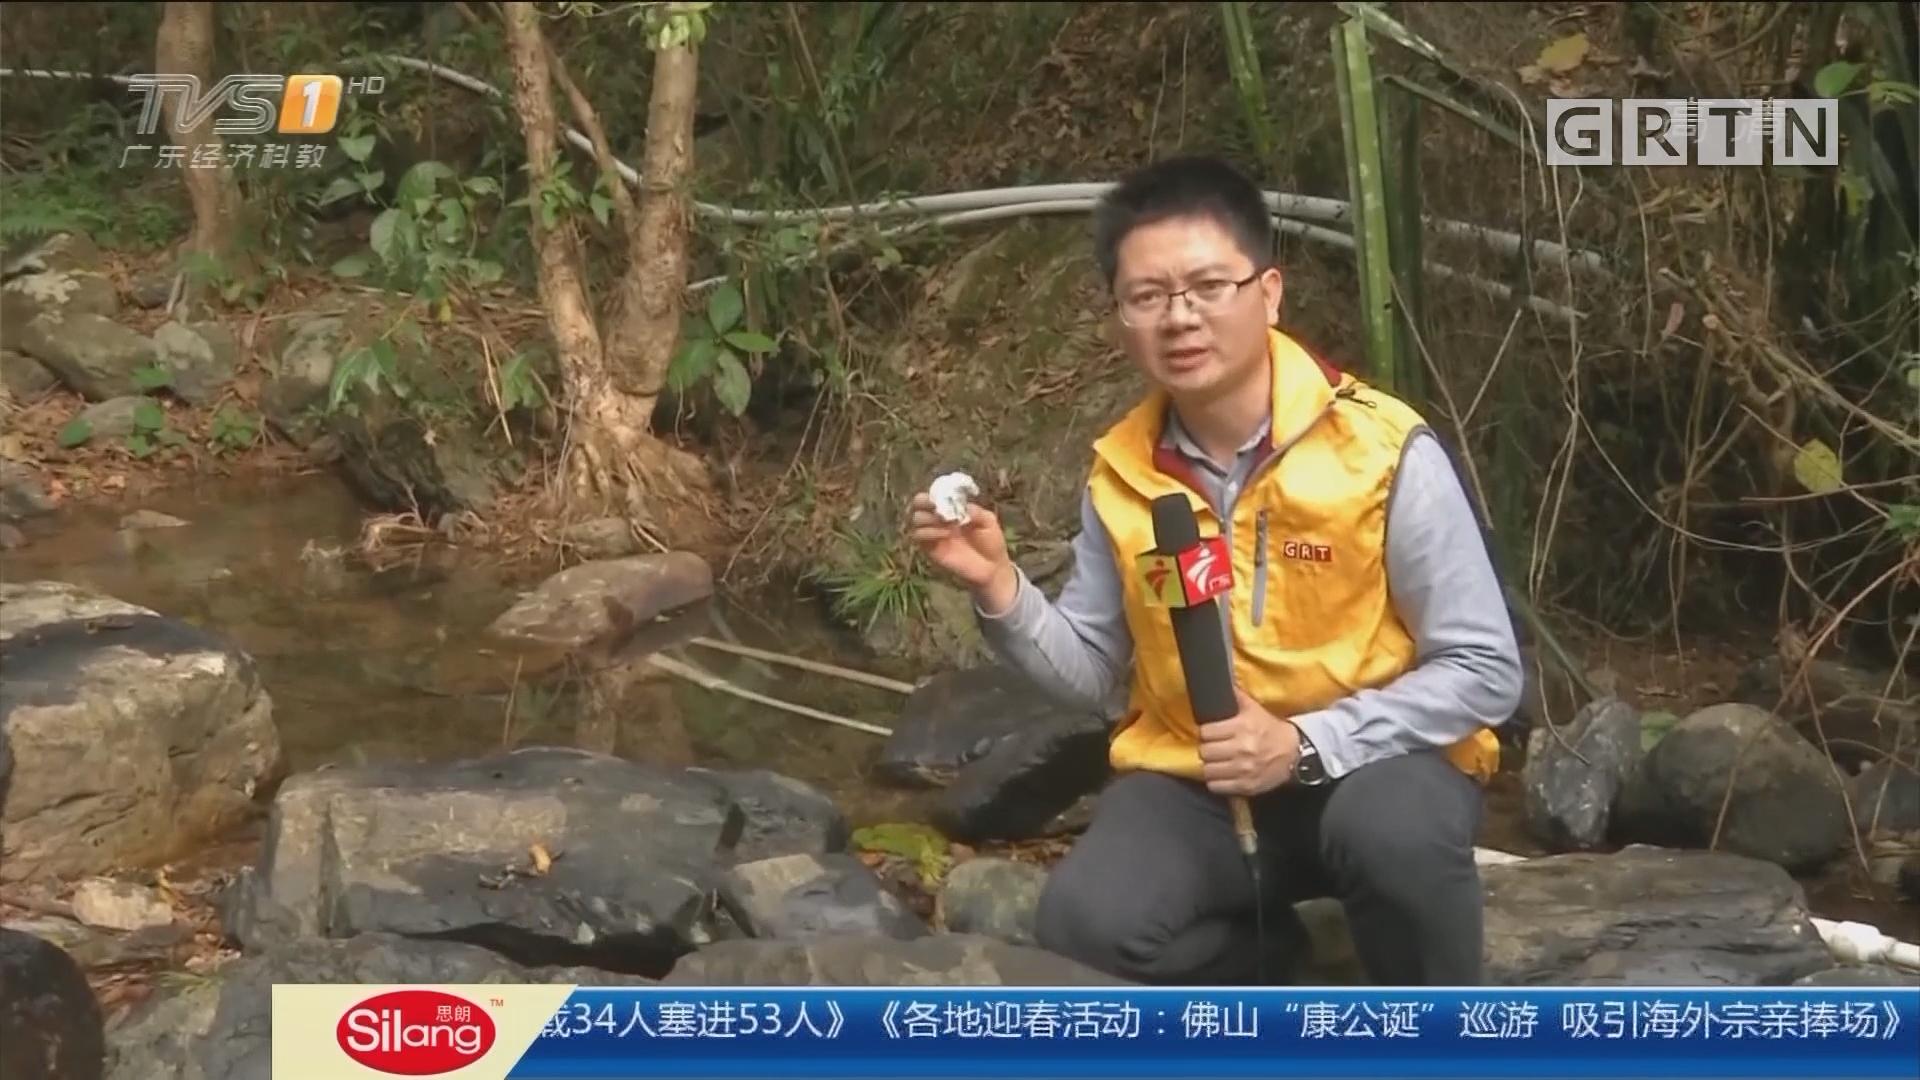 阳江阳春:饮用水源疑遭机油污染? 警方介入调查